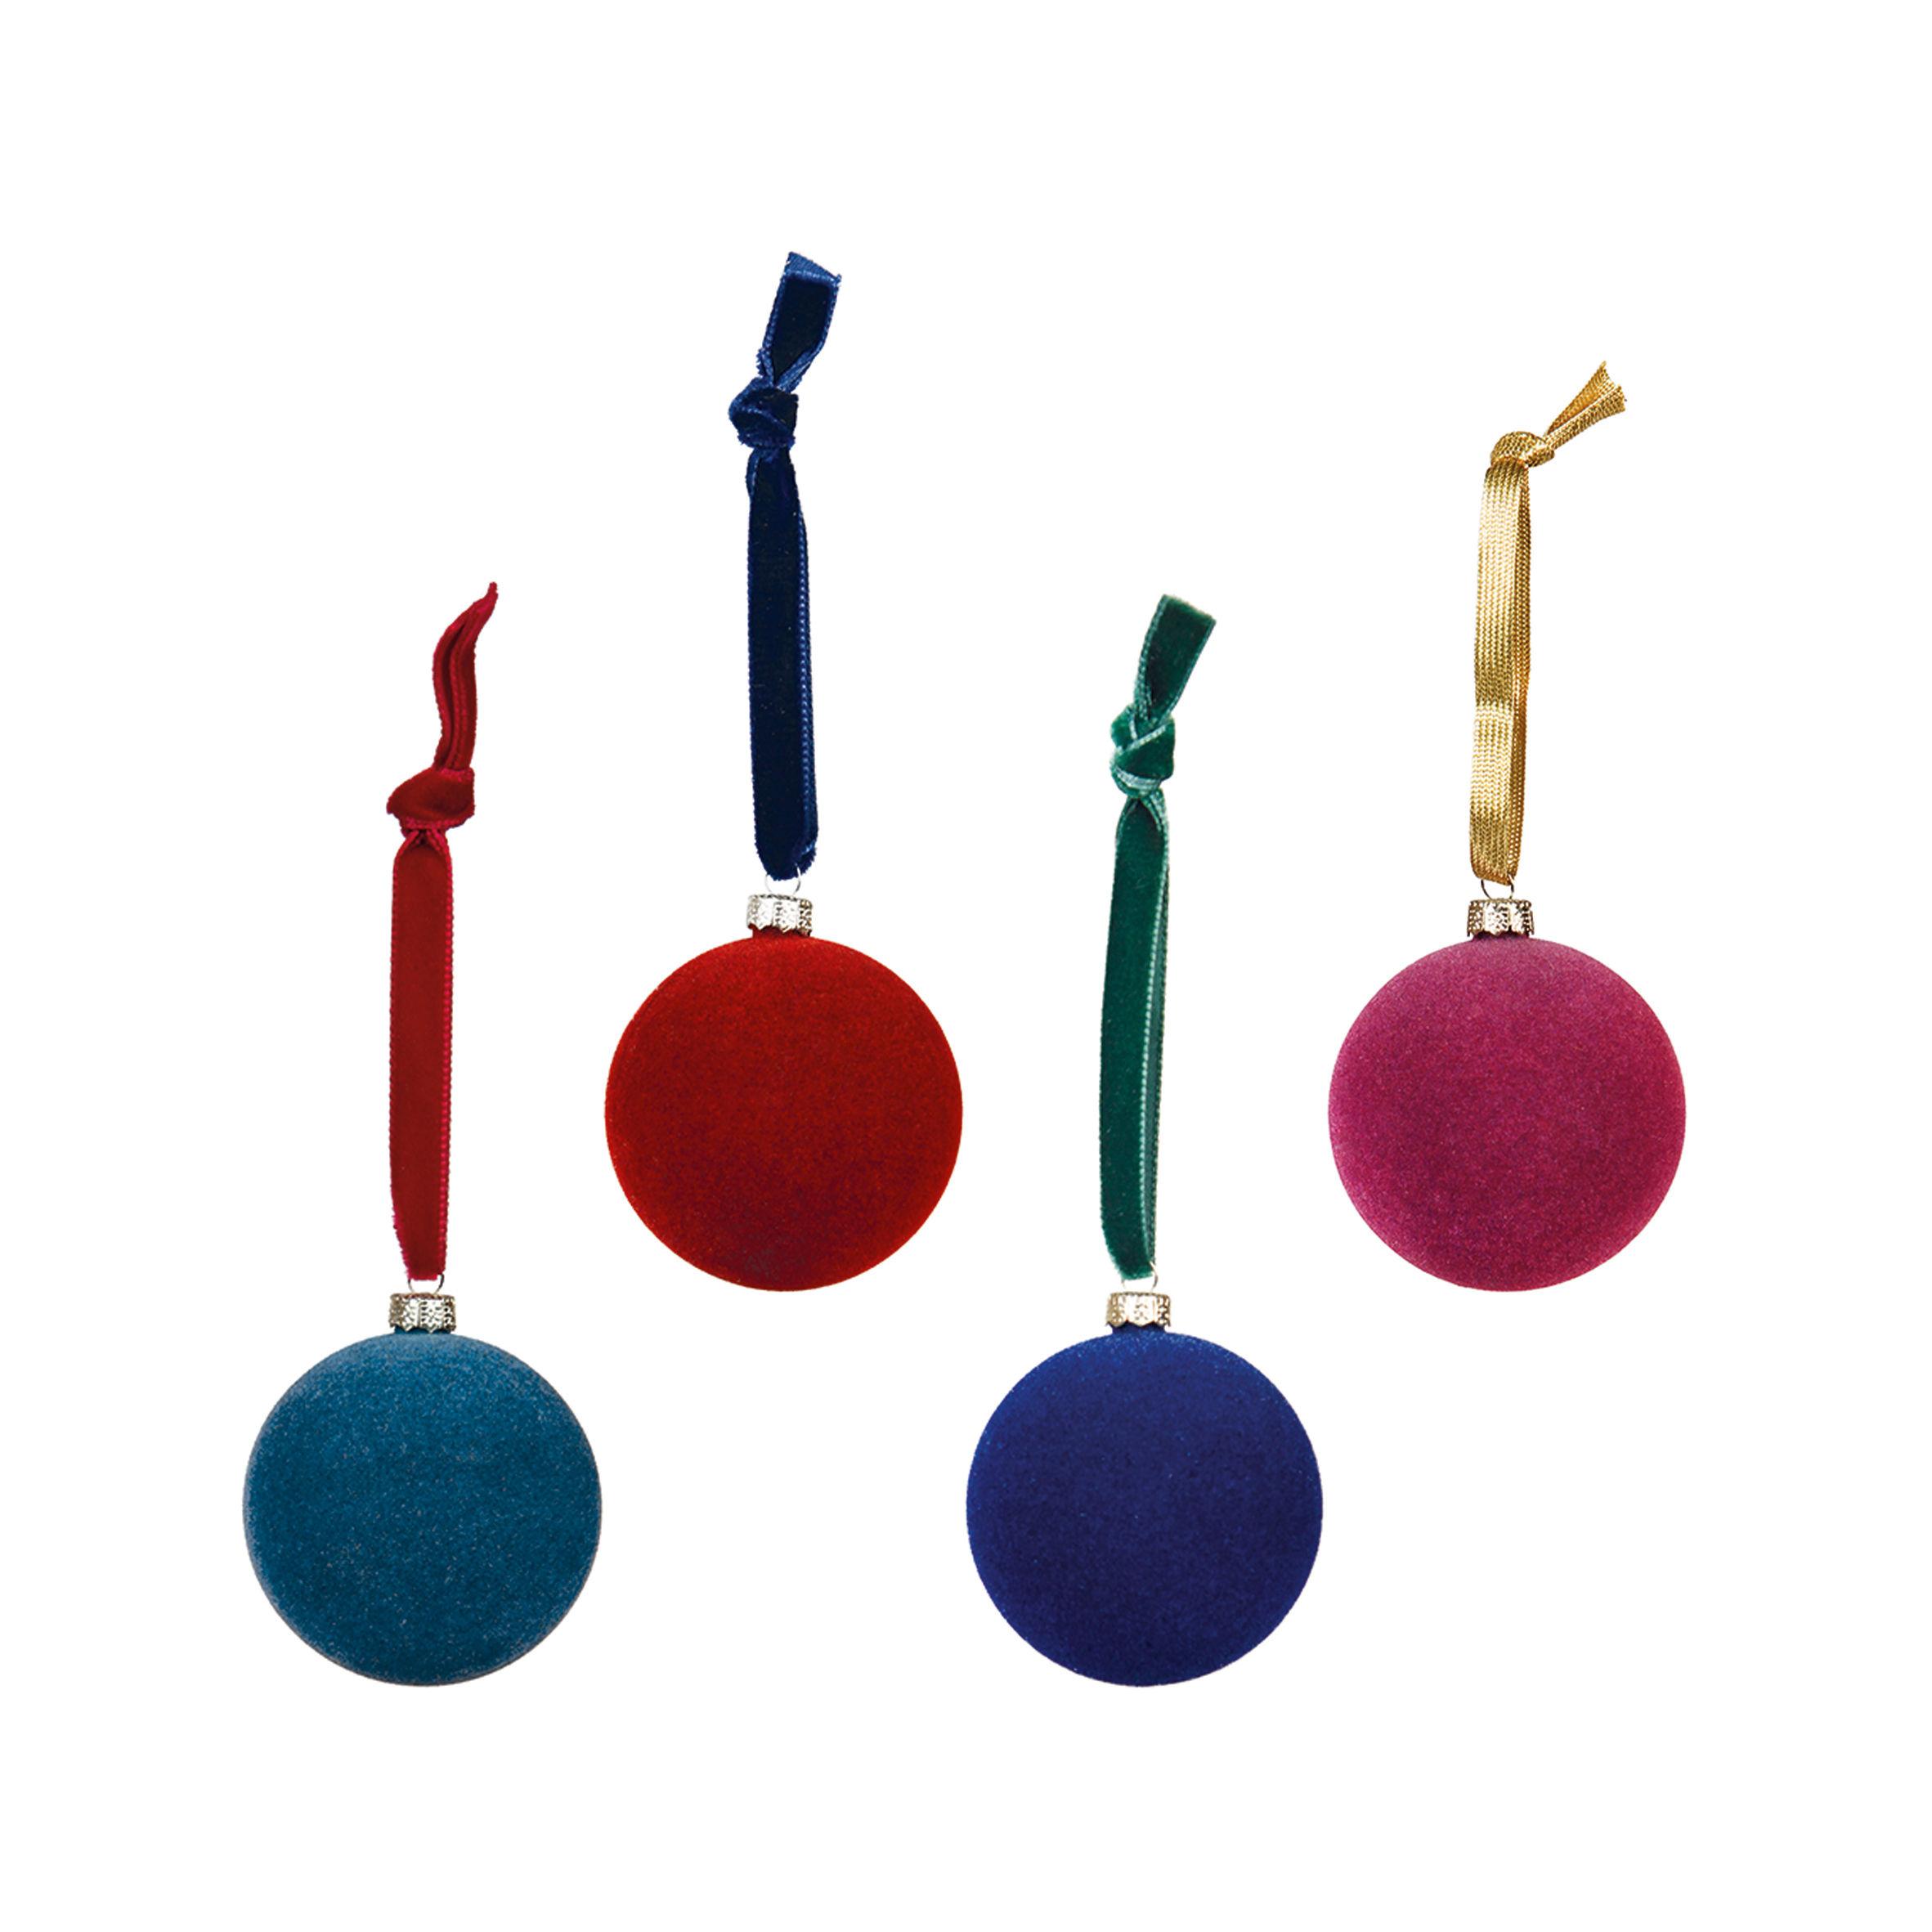 Déco - Objets déco et cadres-photos - Boule de Noël Velours / Set de 4 - Rondes - & klevering - Rond / Multicolore - Velours